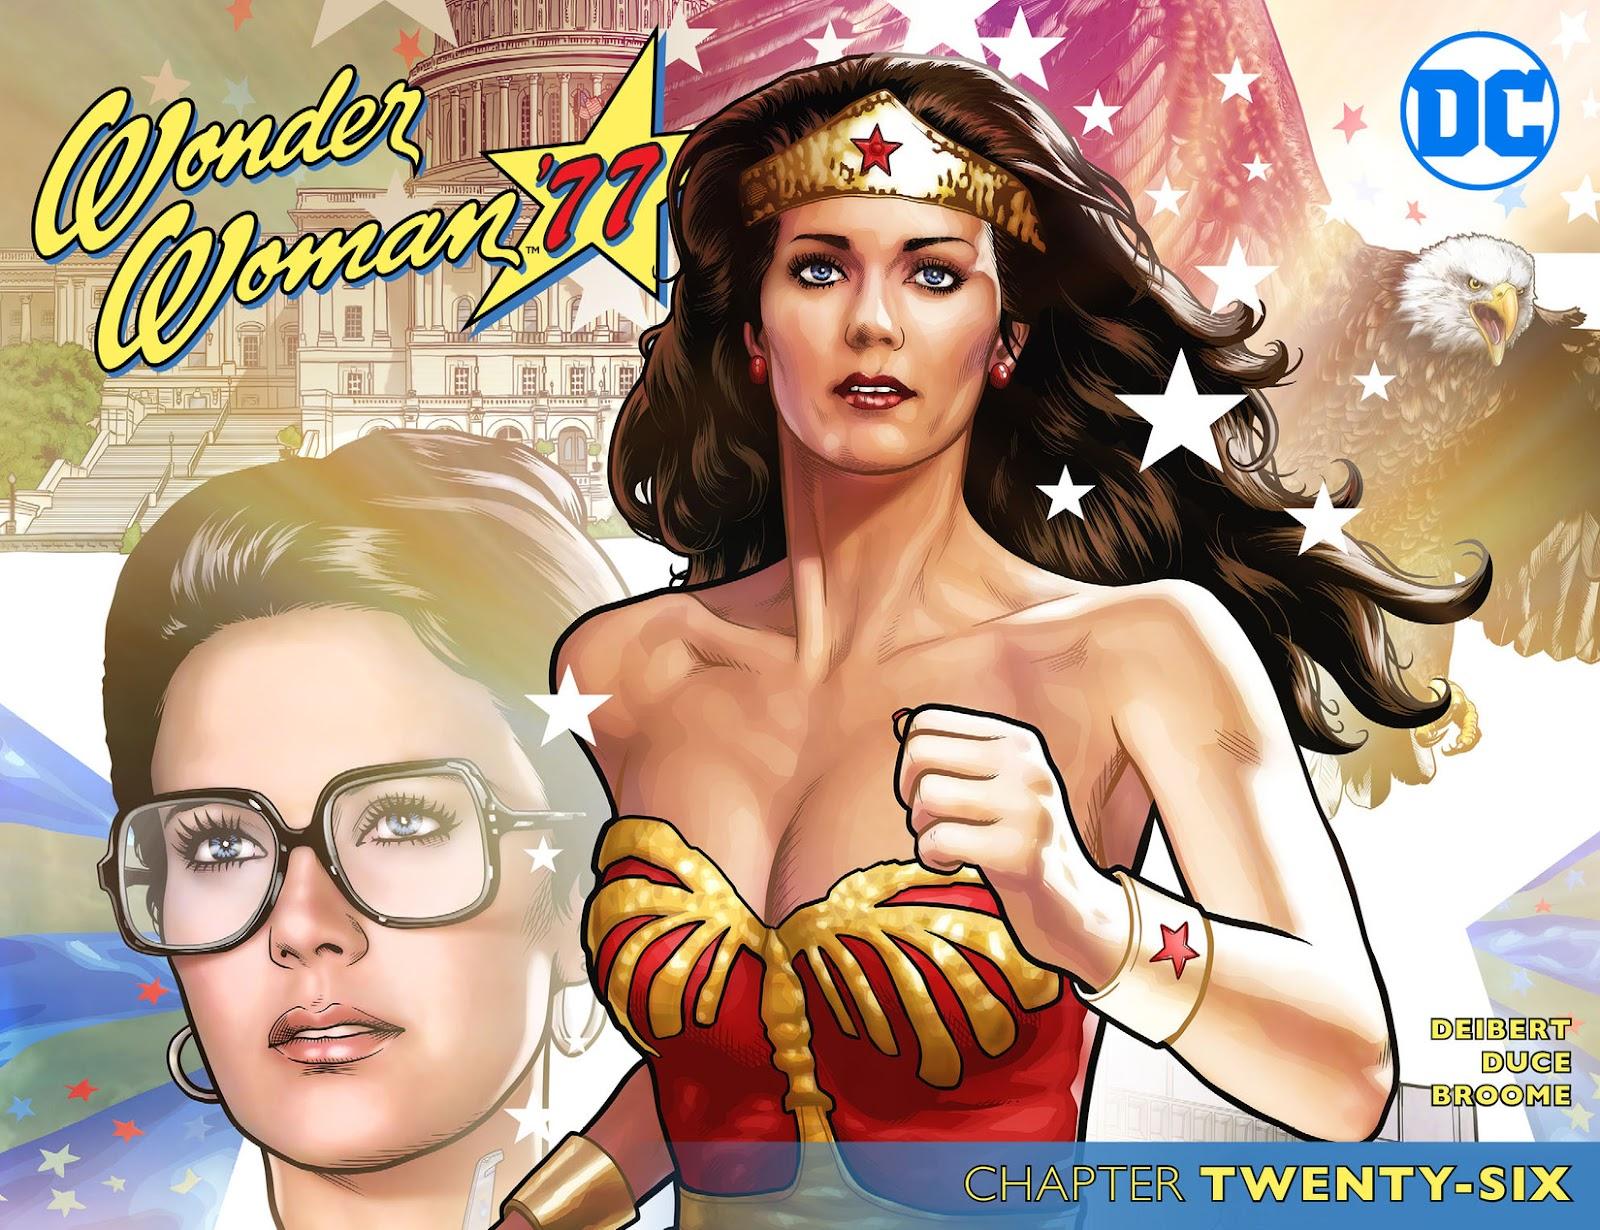 Wonder Woman 77 [I] 26 Page 1